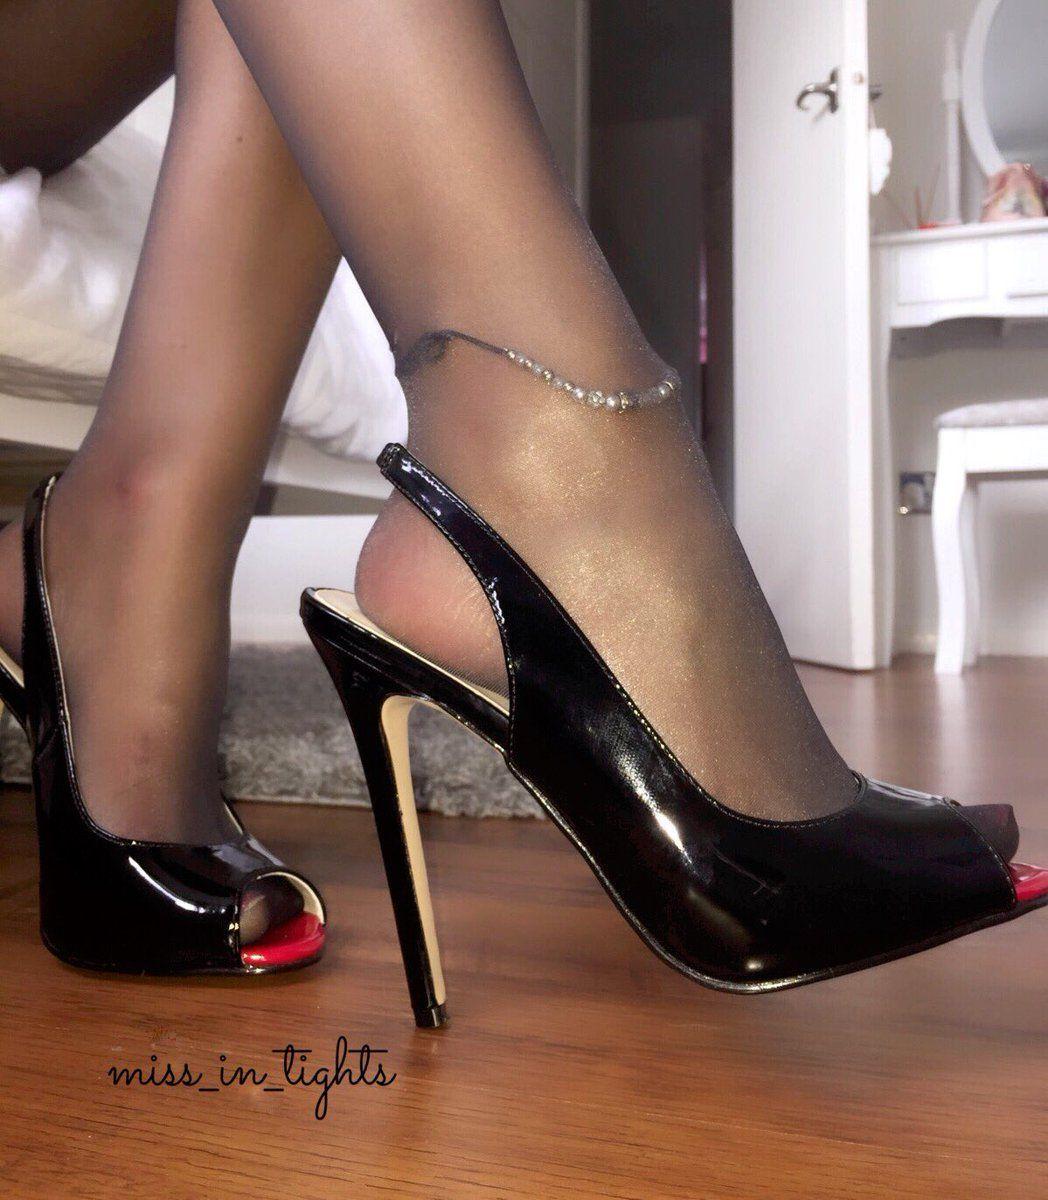 pin von mr r anthony auf sexy stockings pinterest schuhe pumps und strumpfhose. Black Bedroom Furniture Sets. Home Design Ideas